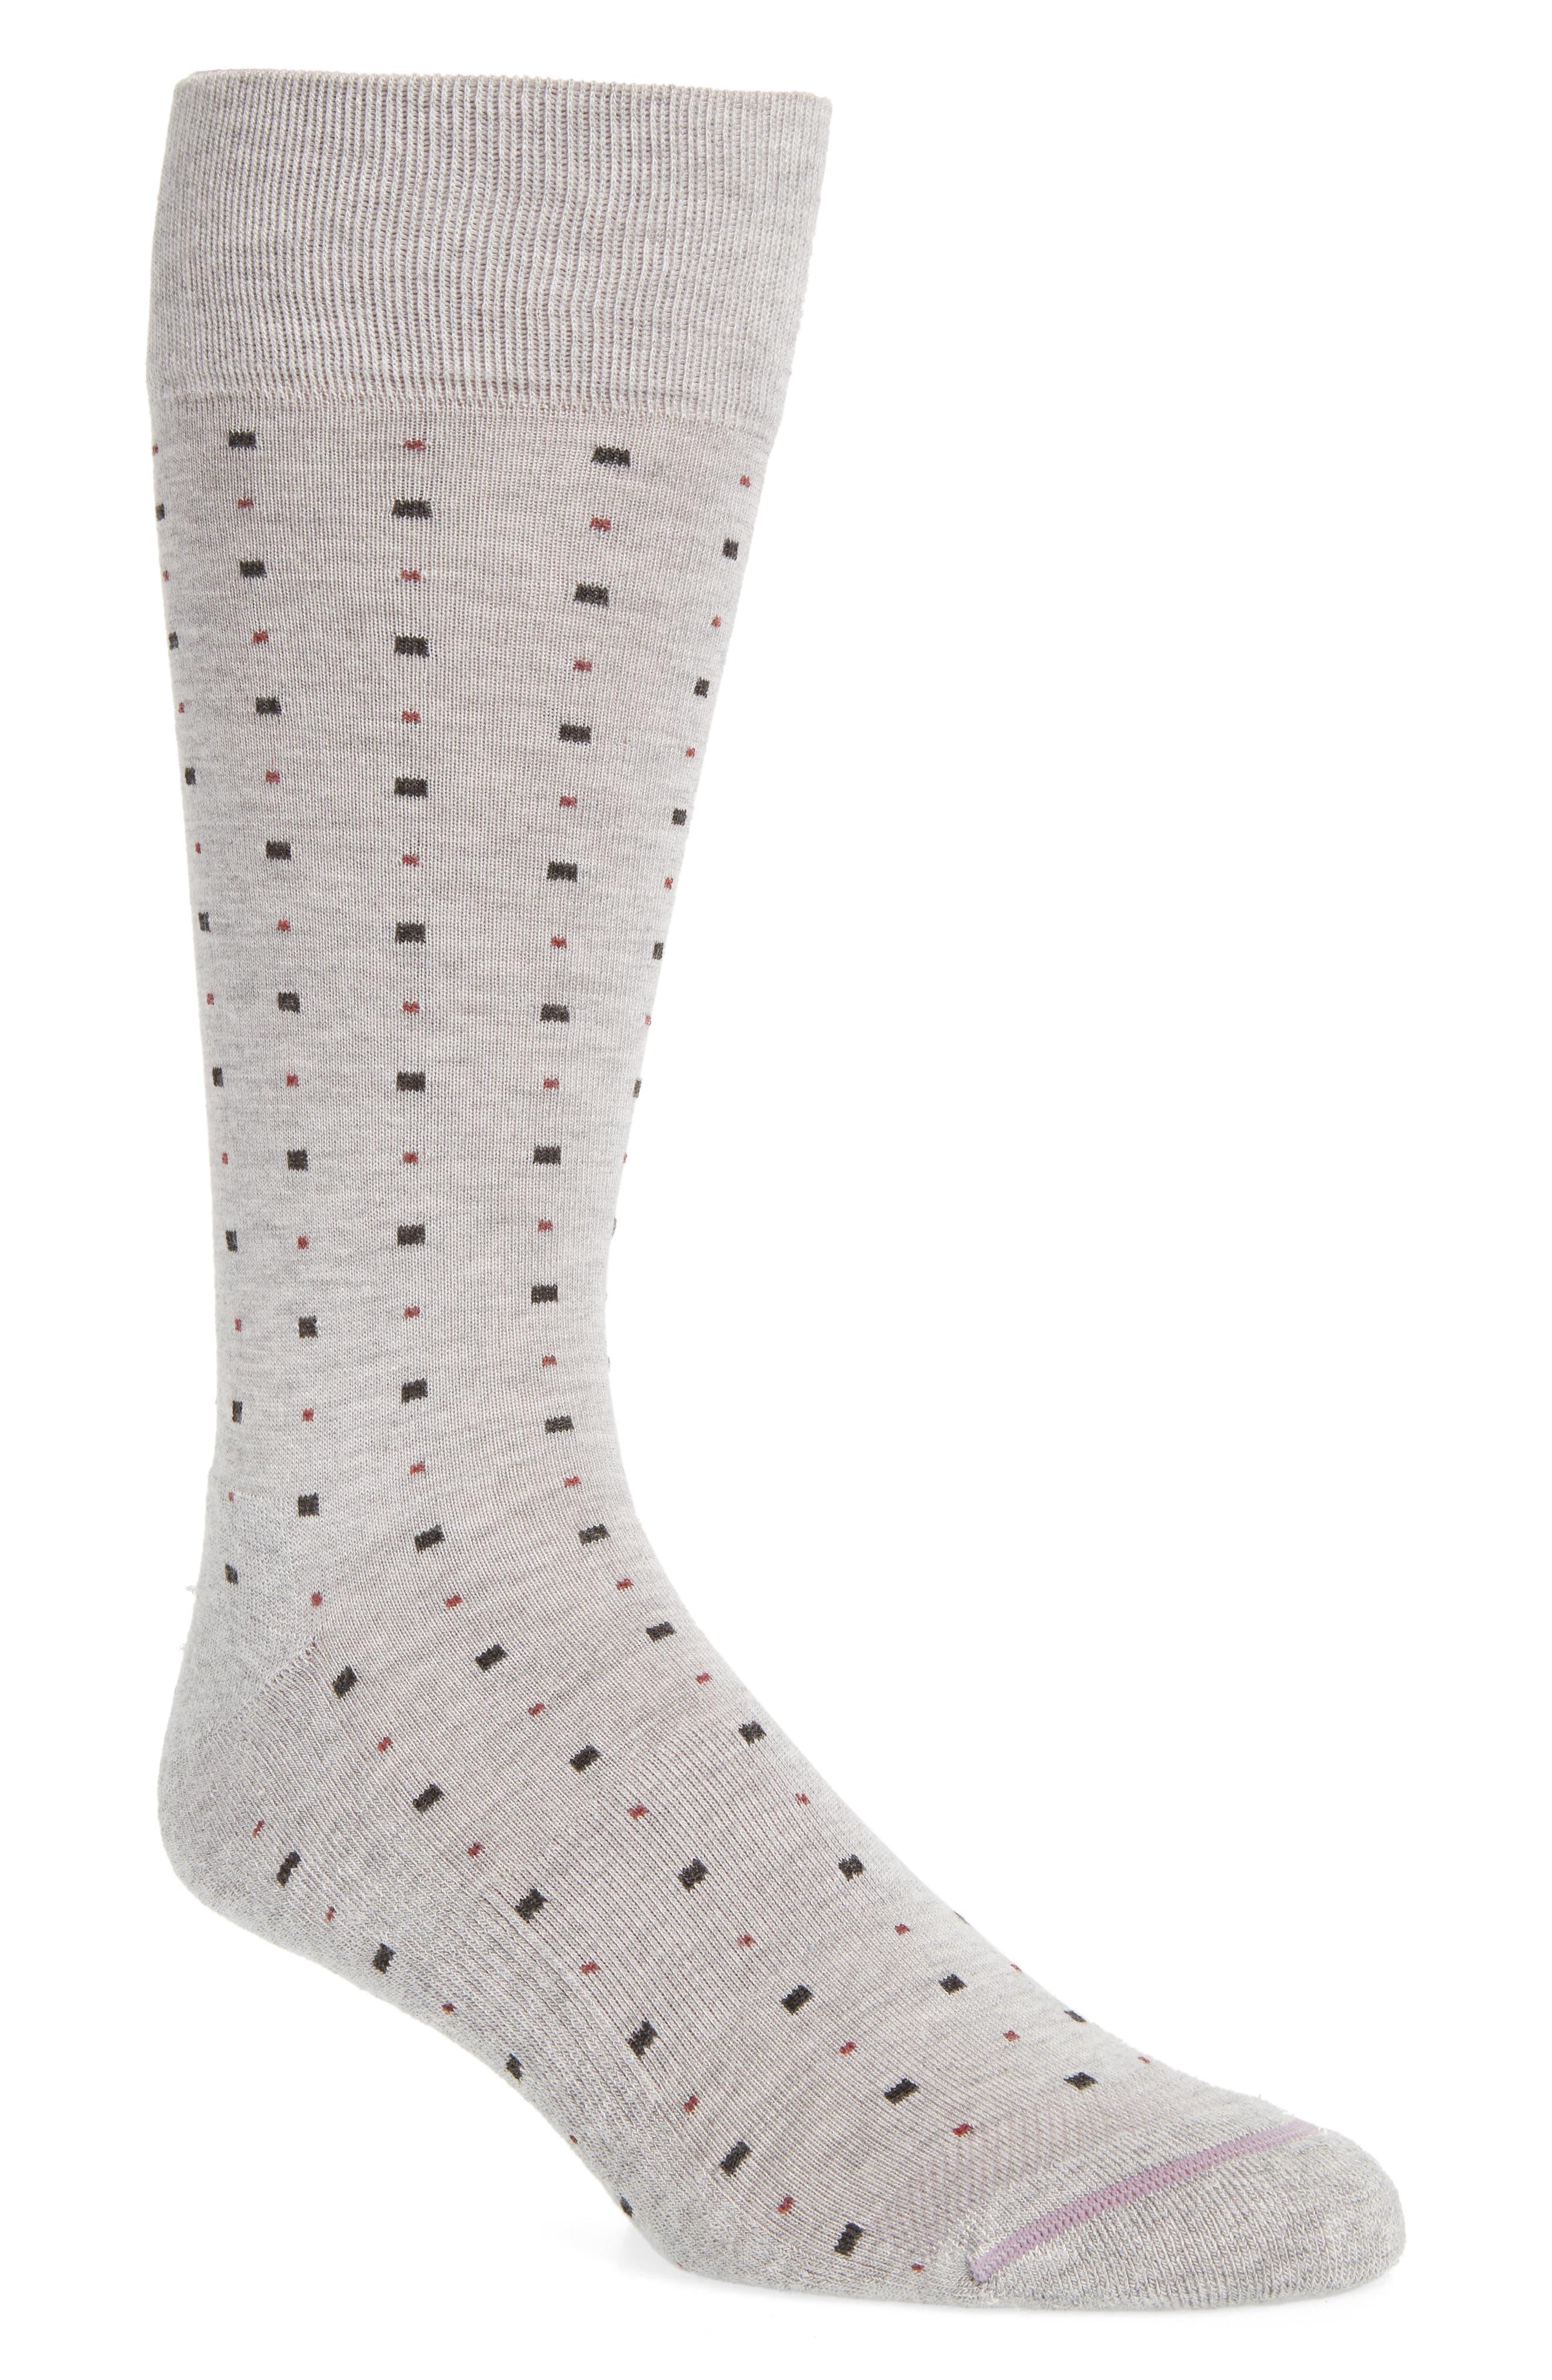 Alternate Image 1 Selected - Nordstrom Men's Shop Box Dot Crew Socks (3 for $30)